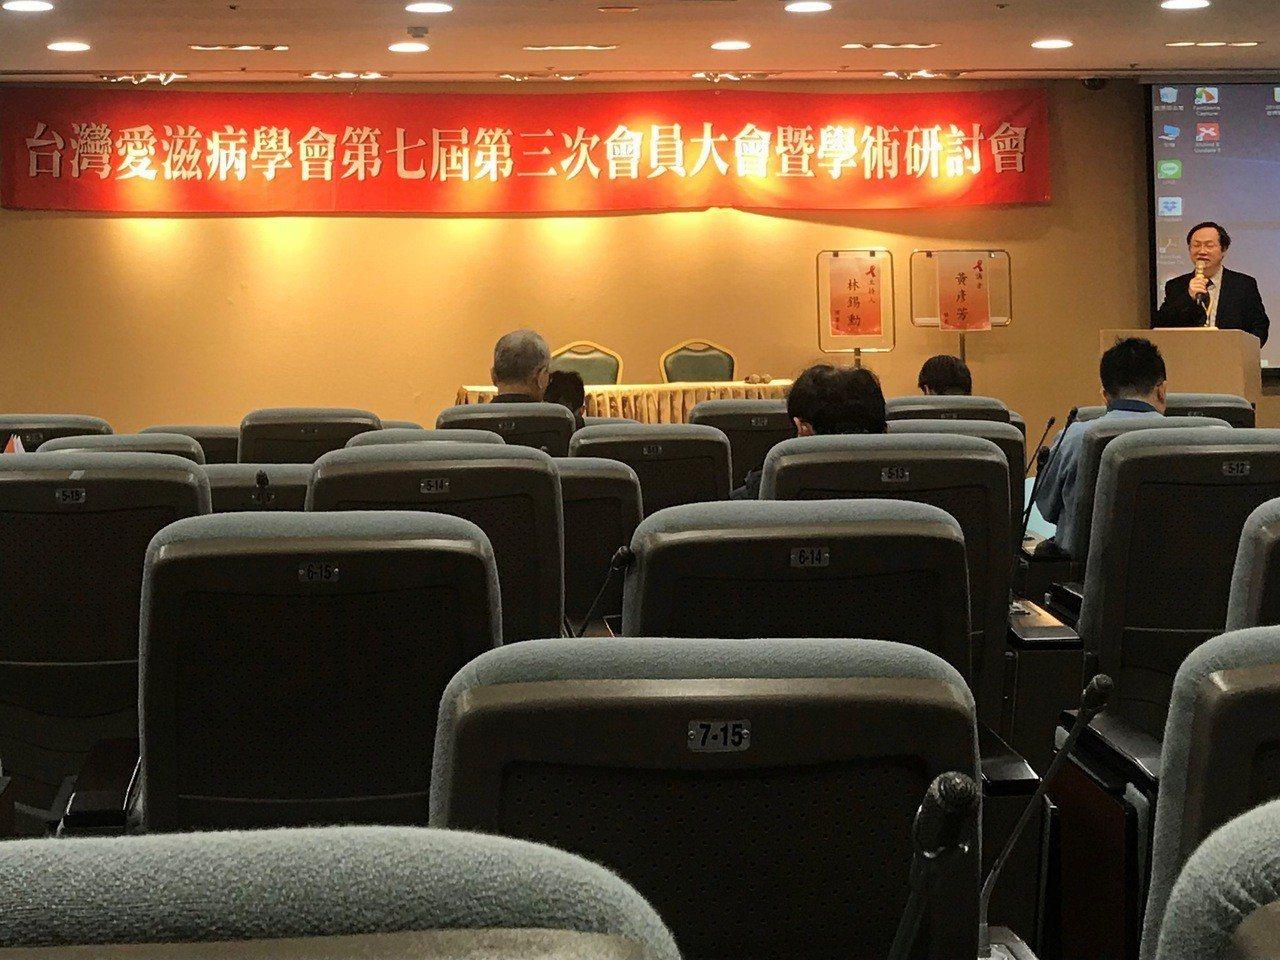 台灣愛滋病學會日前舉辦年度學術大會,國內國外愛滋防治專家學者齊聚一堂,希望早日達...